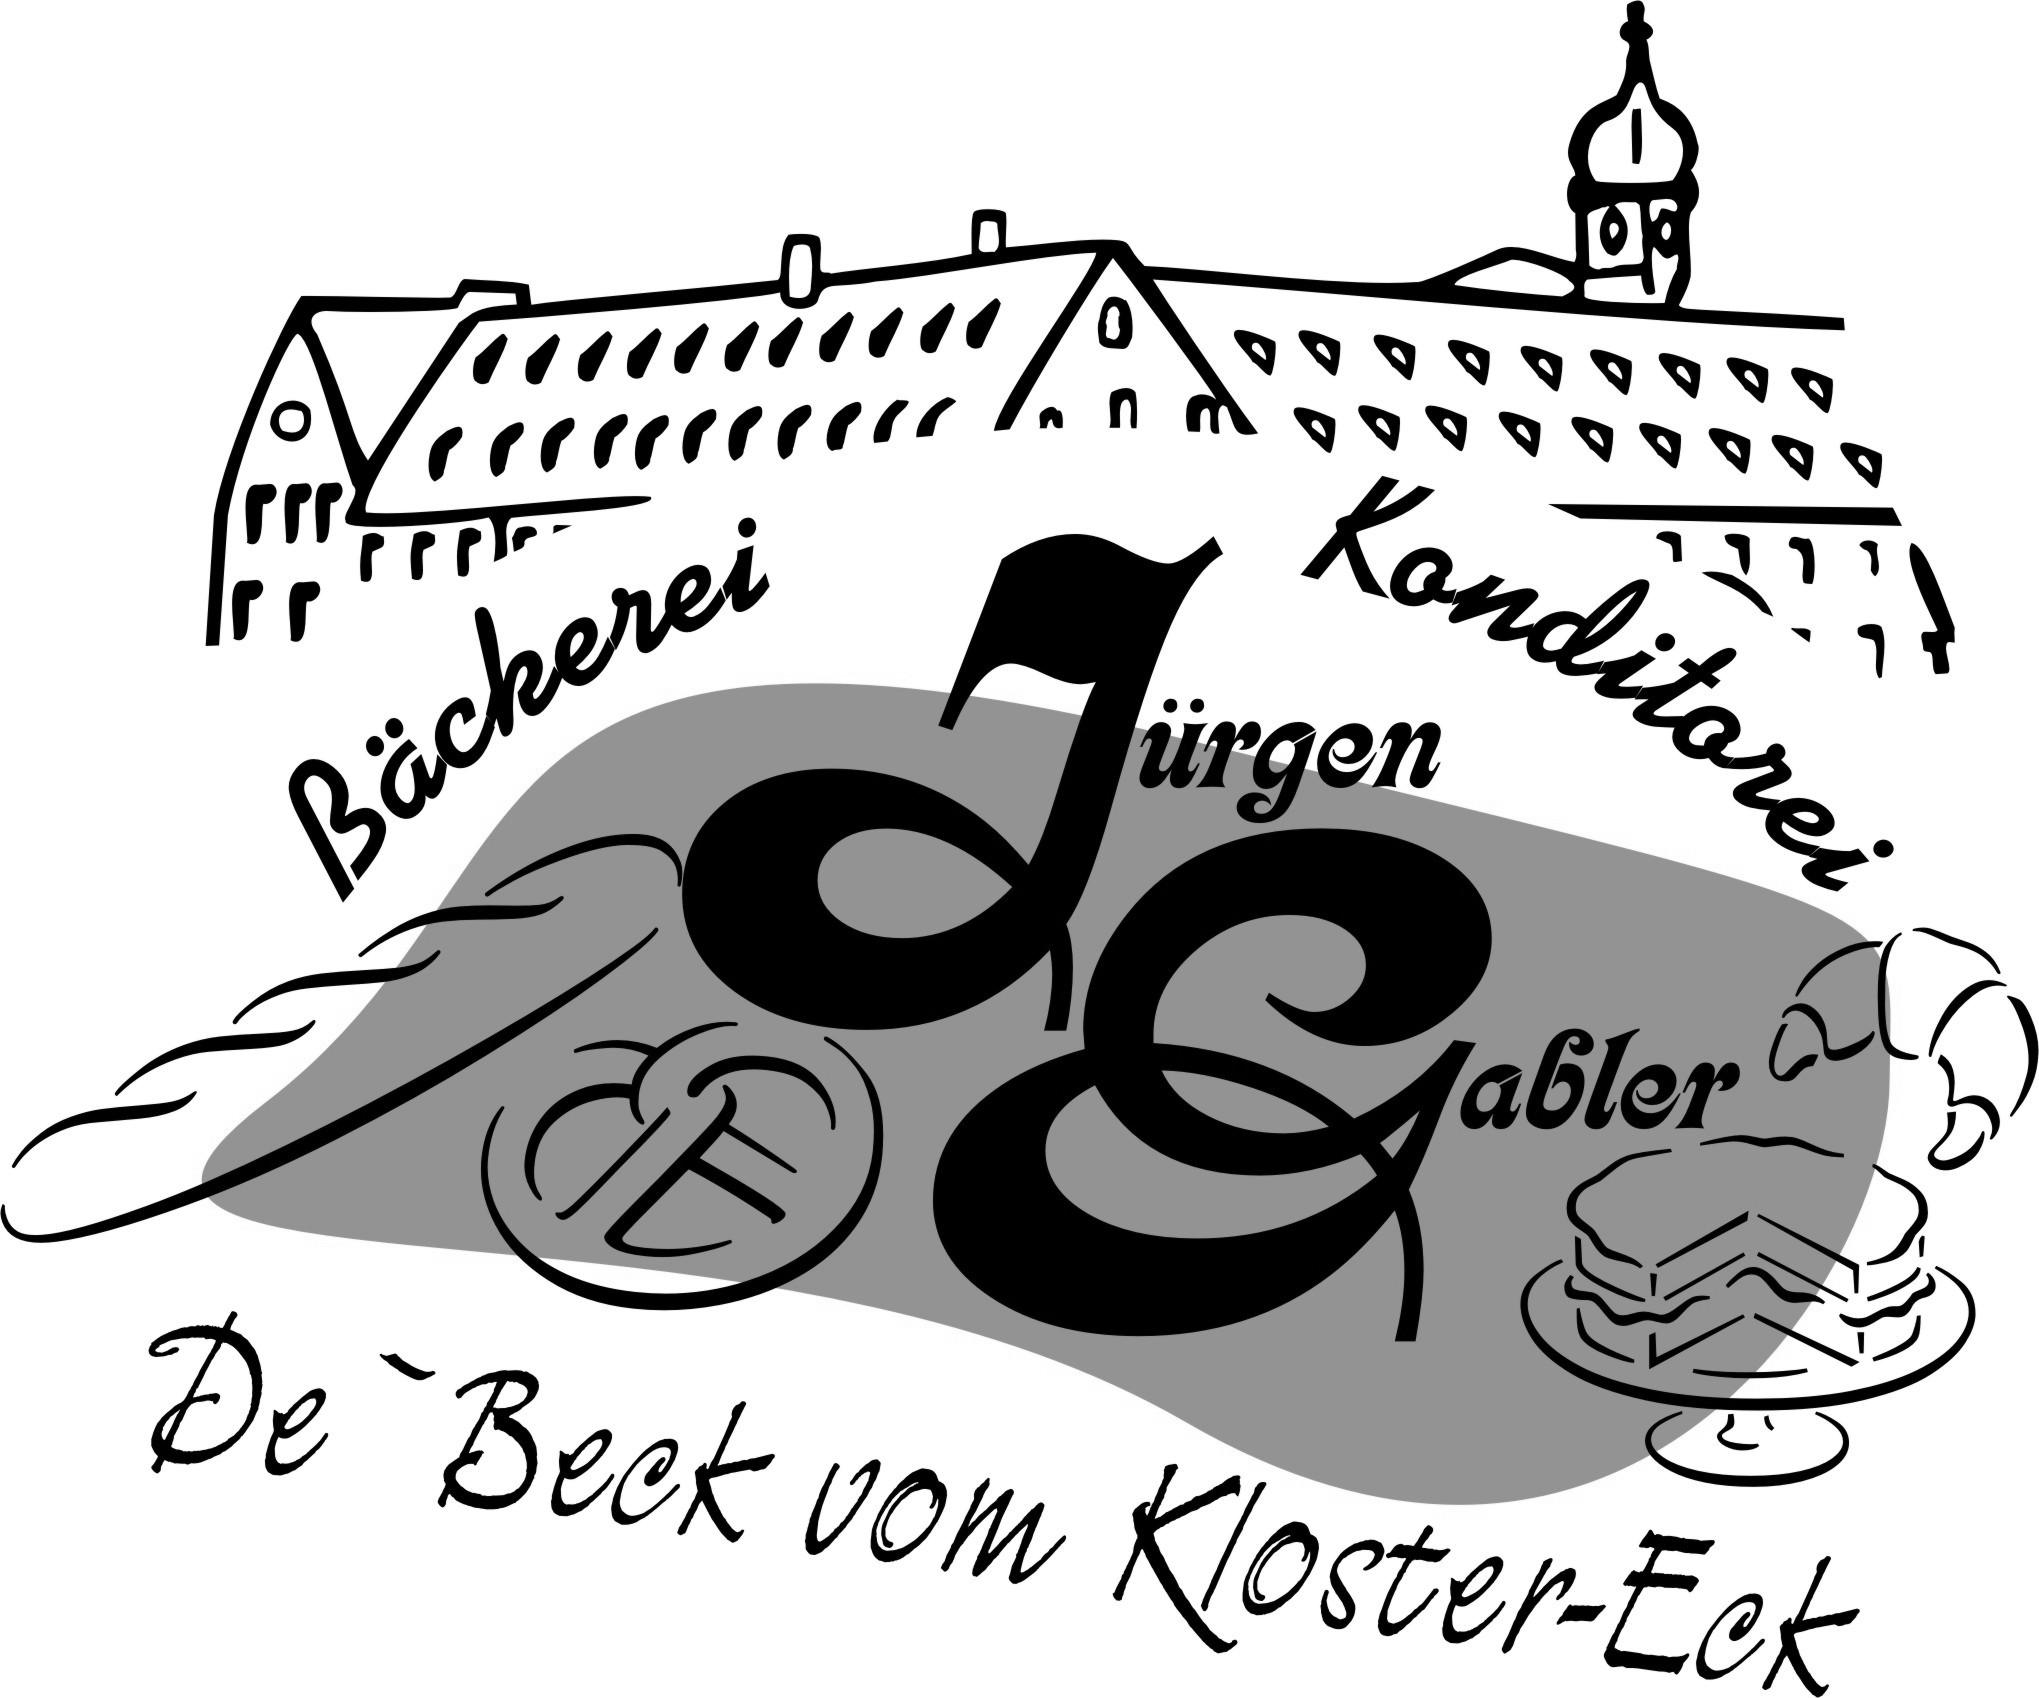 Gabler_Baeckerei_halbe